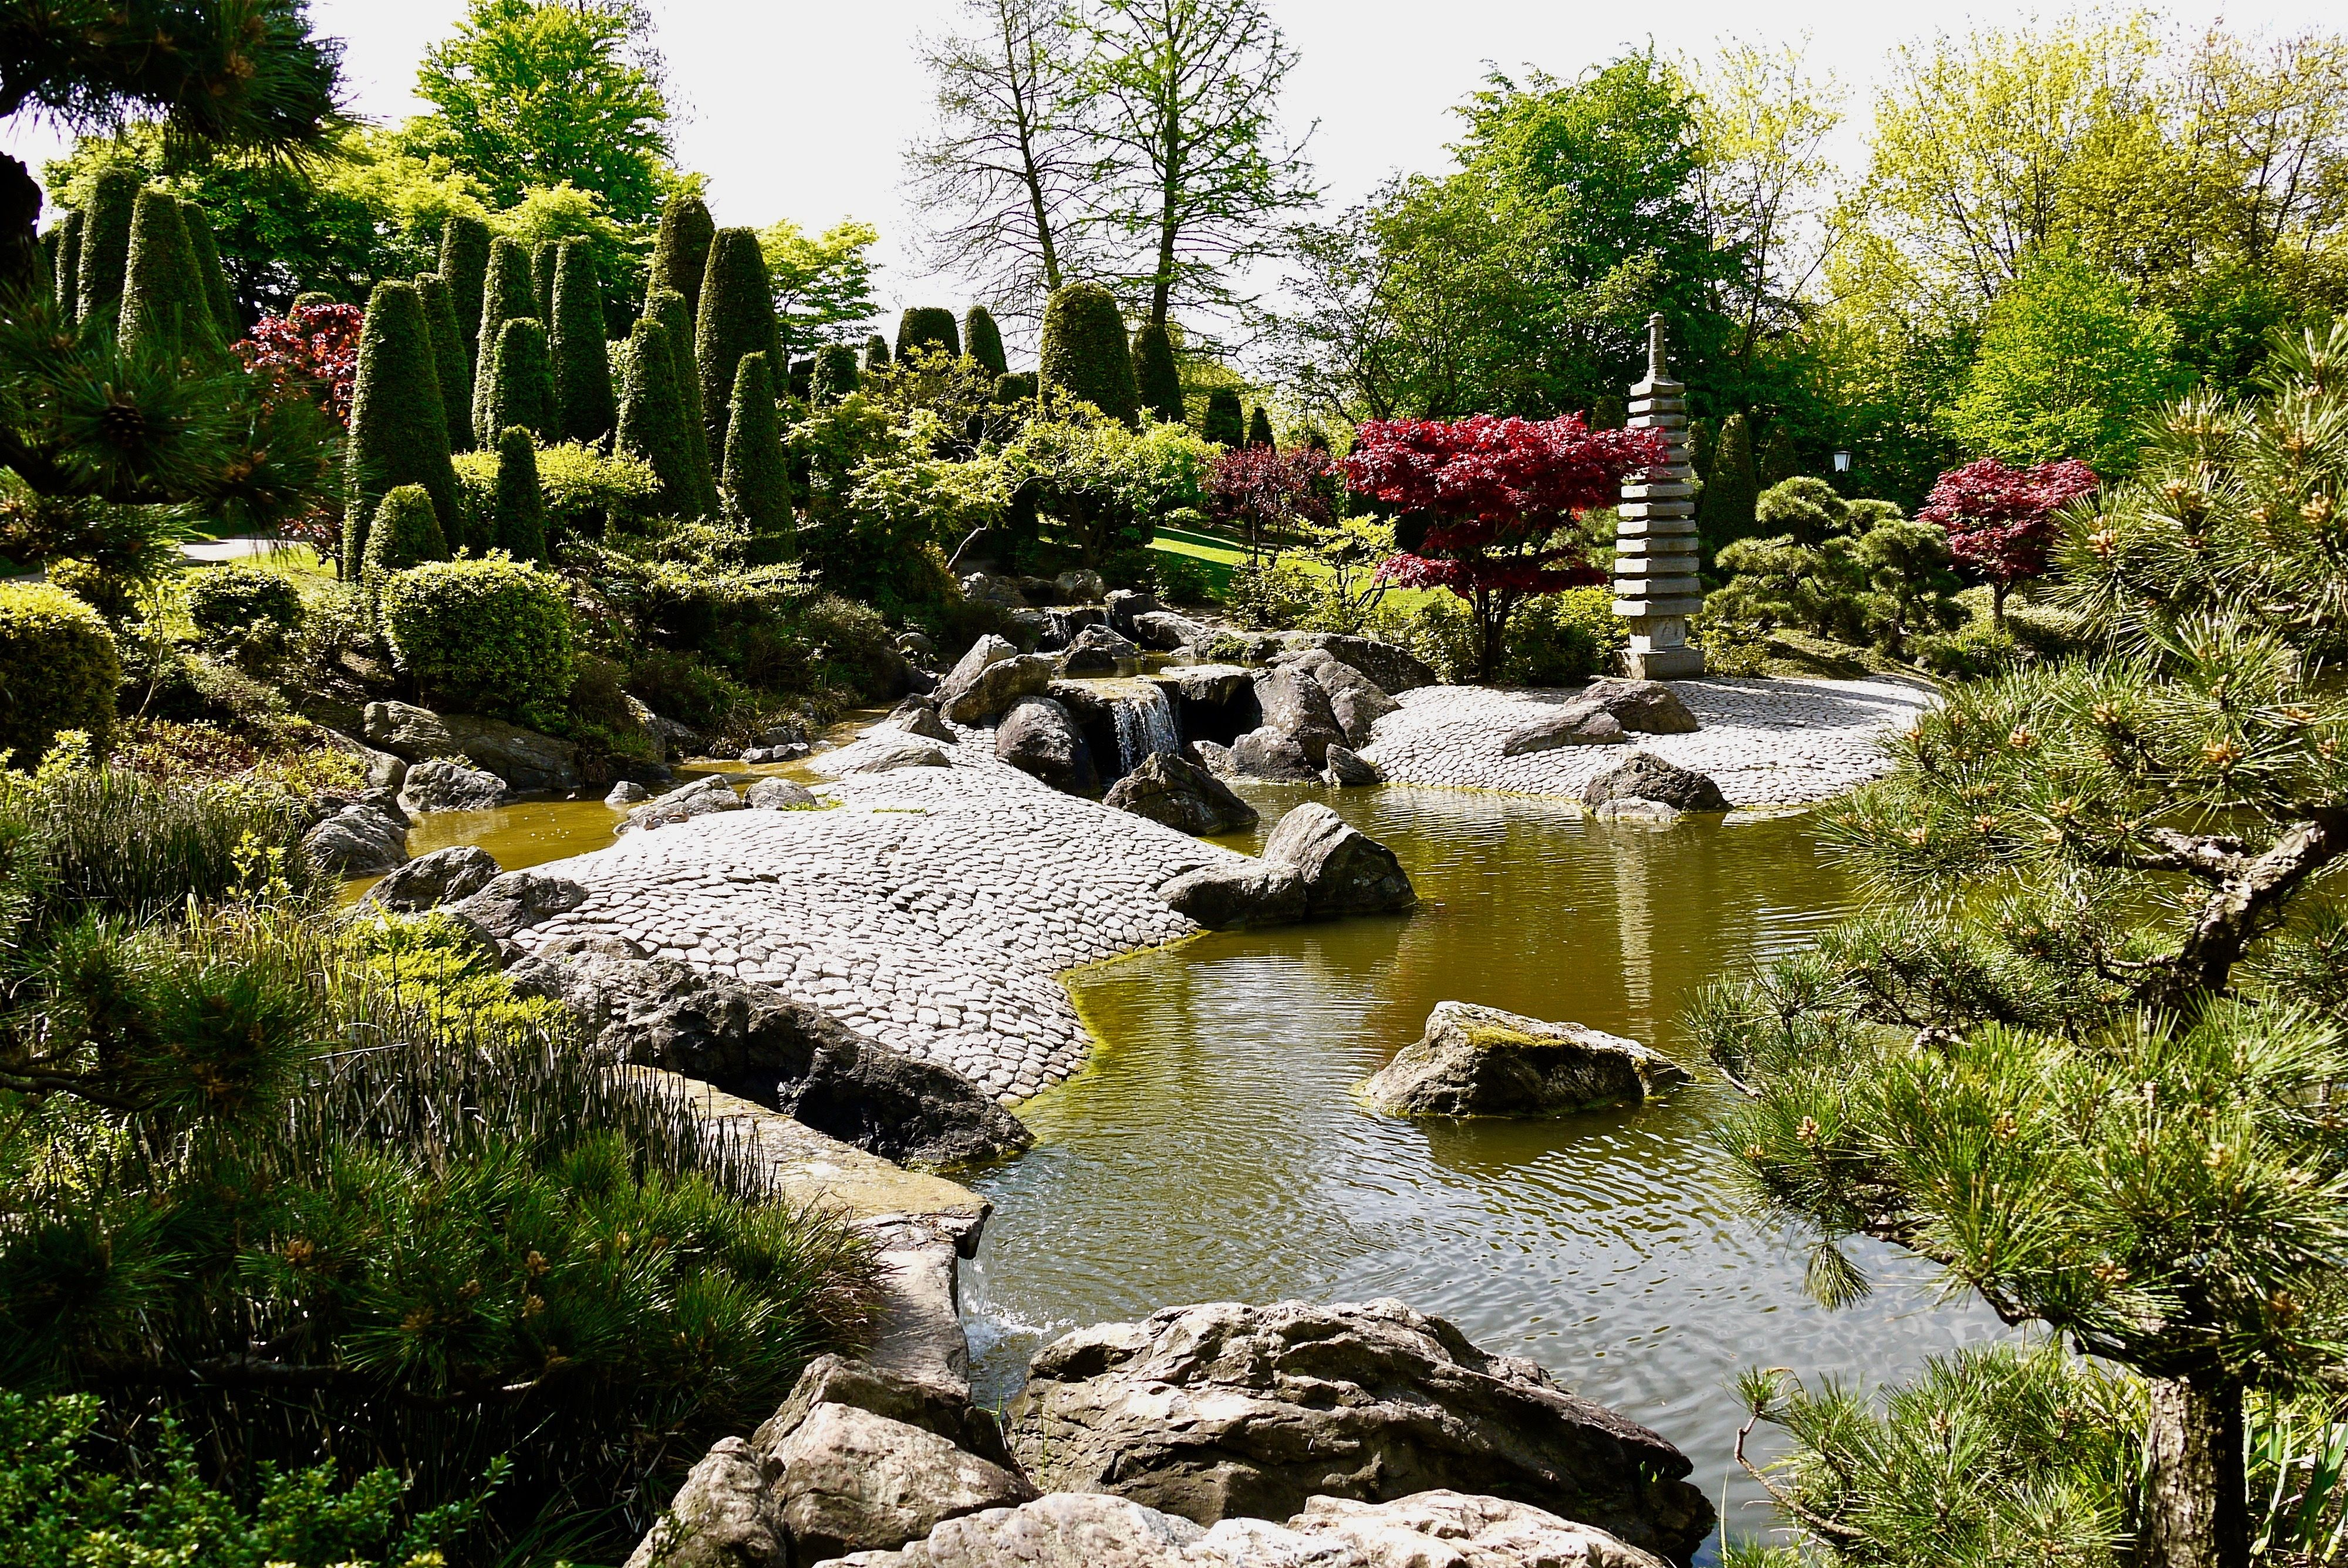 Japanischer Garten in Bonn Botanischer garten bonn, Garten